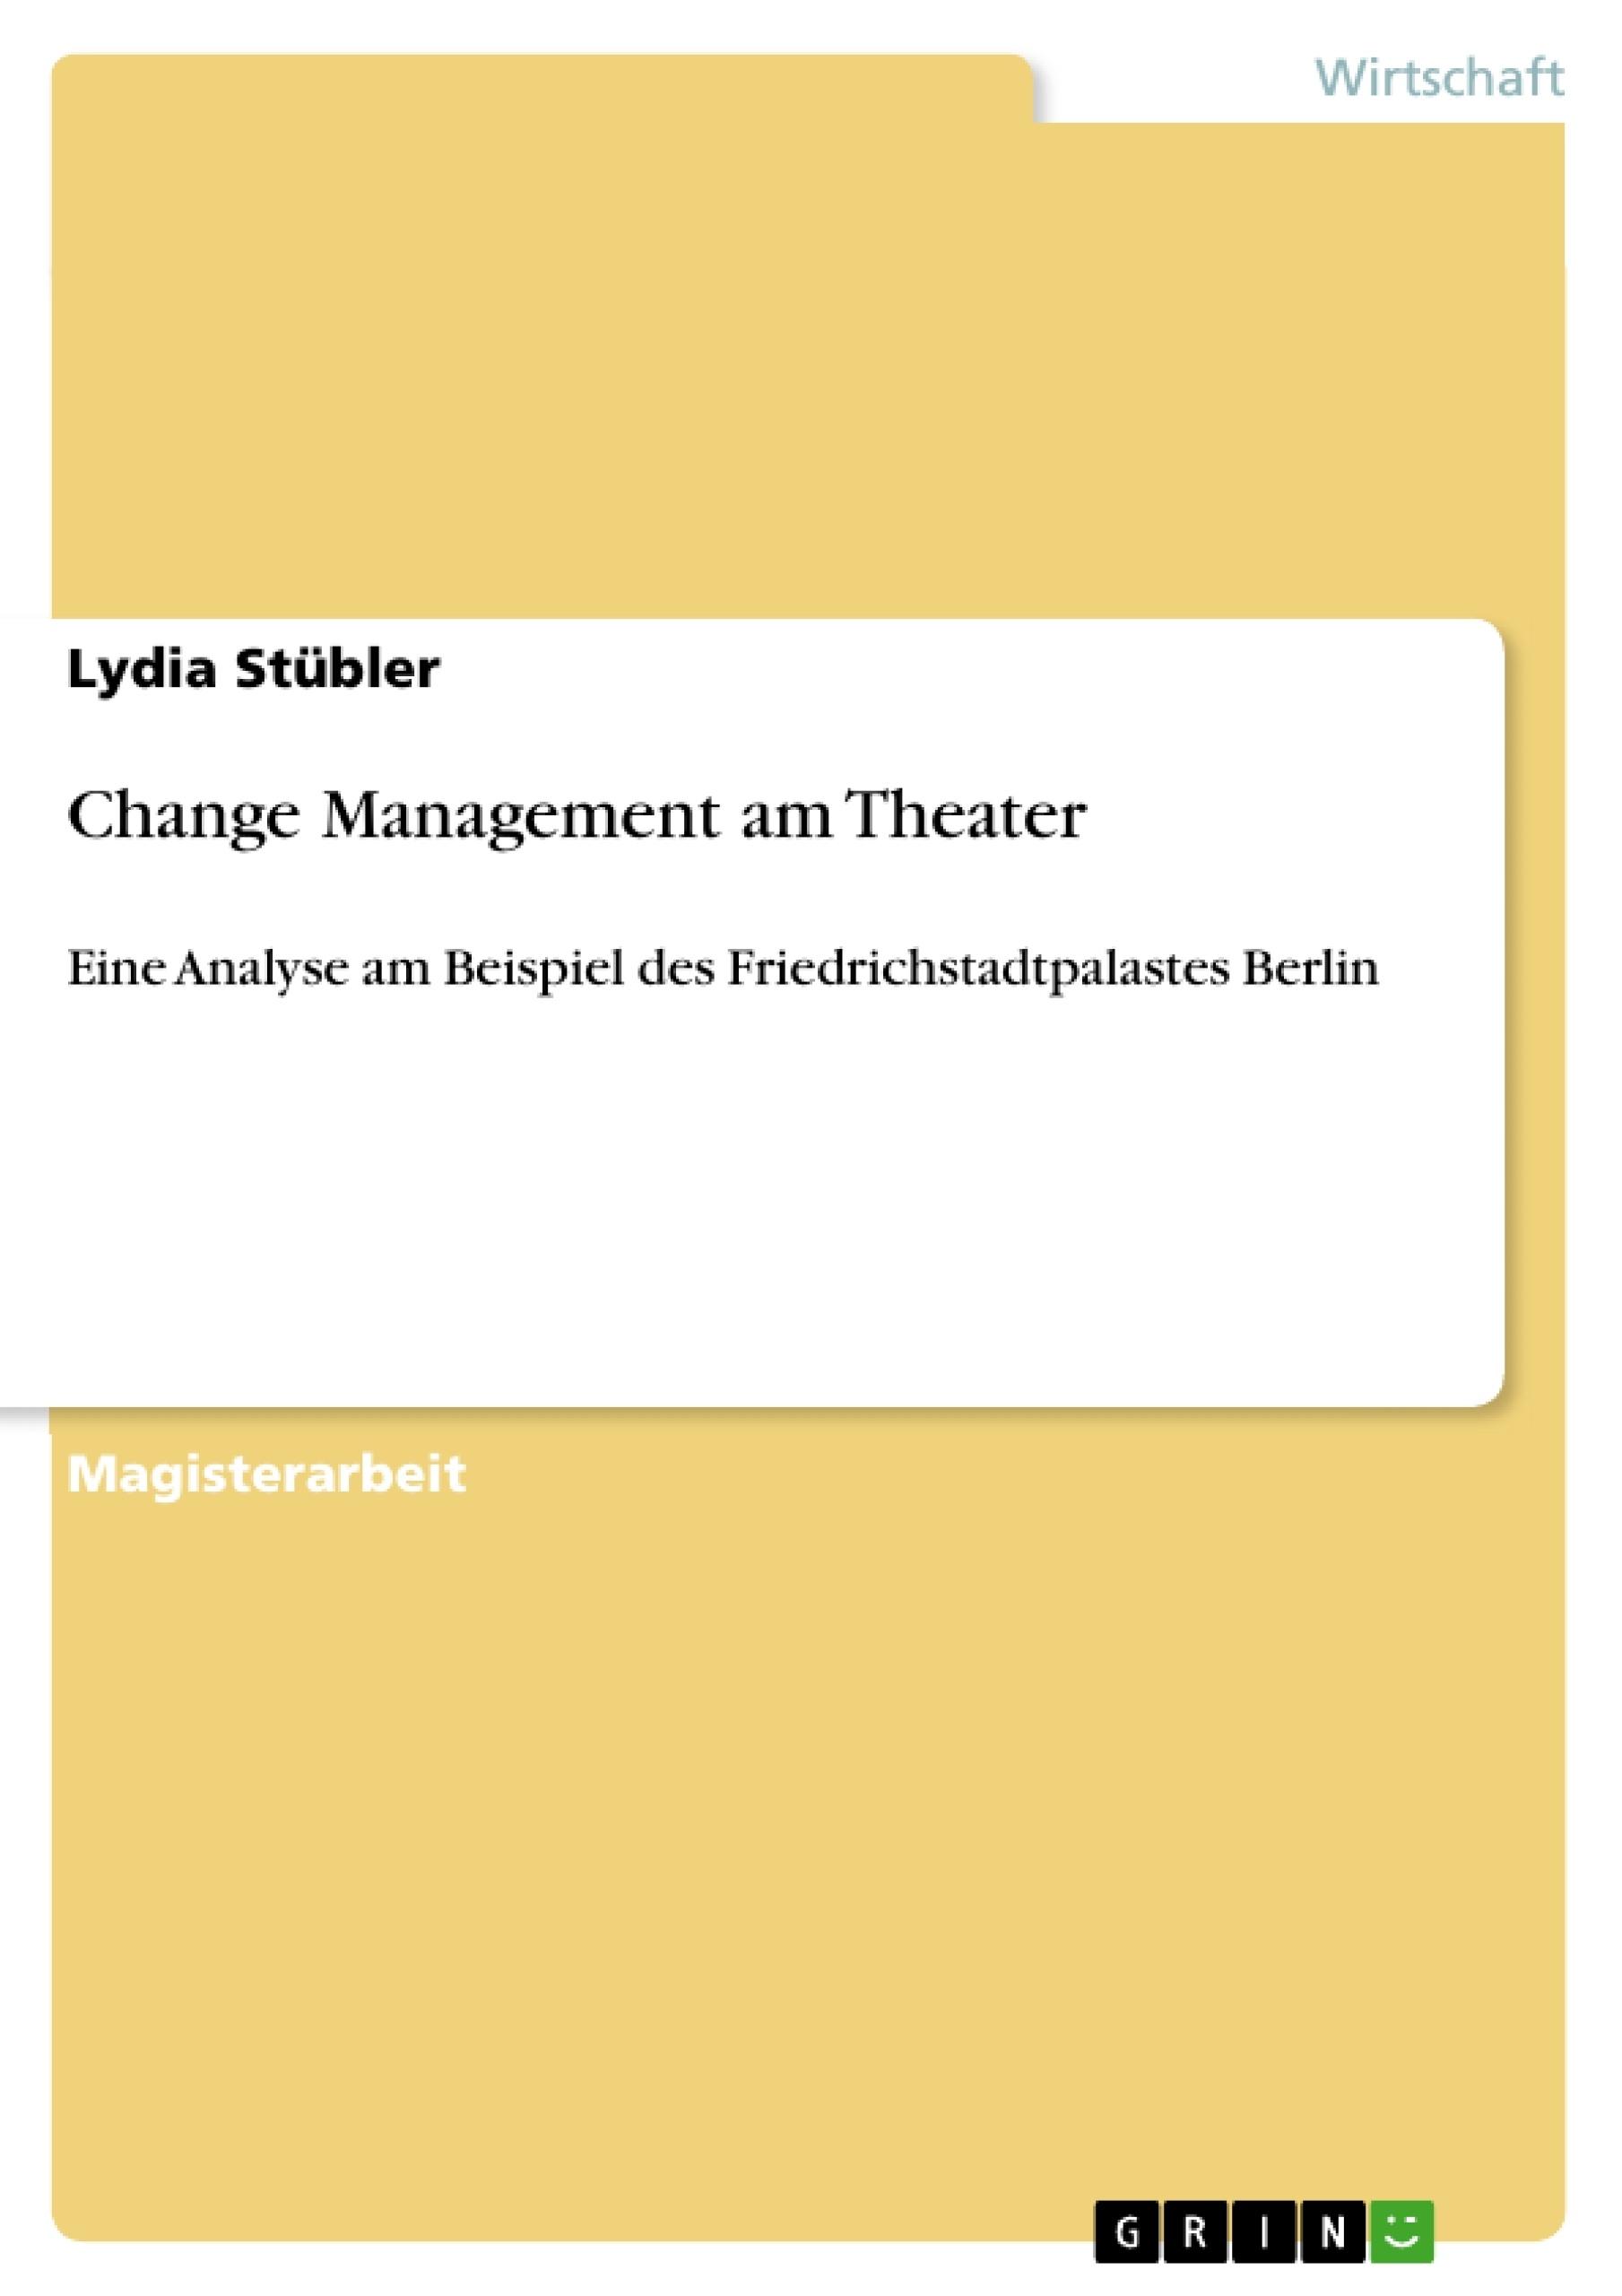 Change Management am Theater   Masterarbeit, Hausarbeit ...